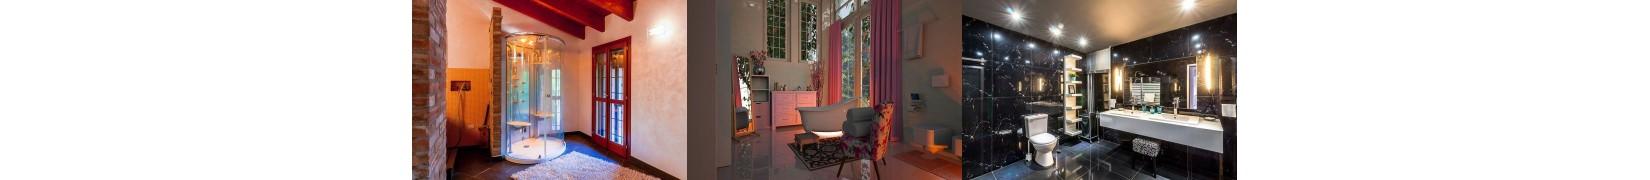 Home decor do łazienki. Dywaniki, półki, szafki, szlafroki, ręczniki